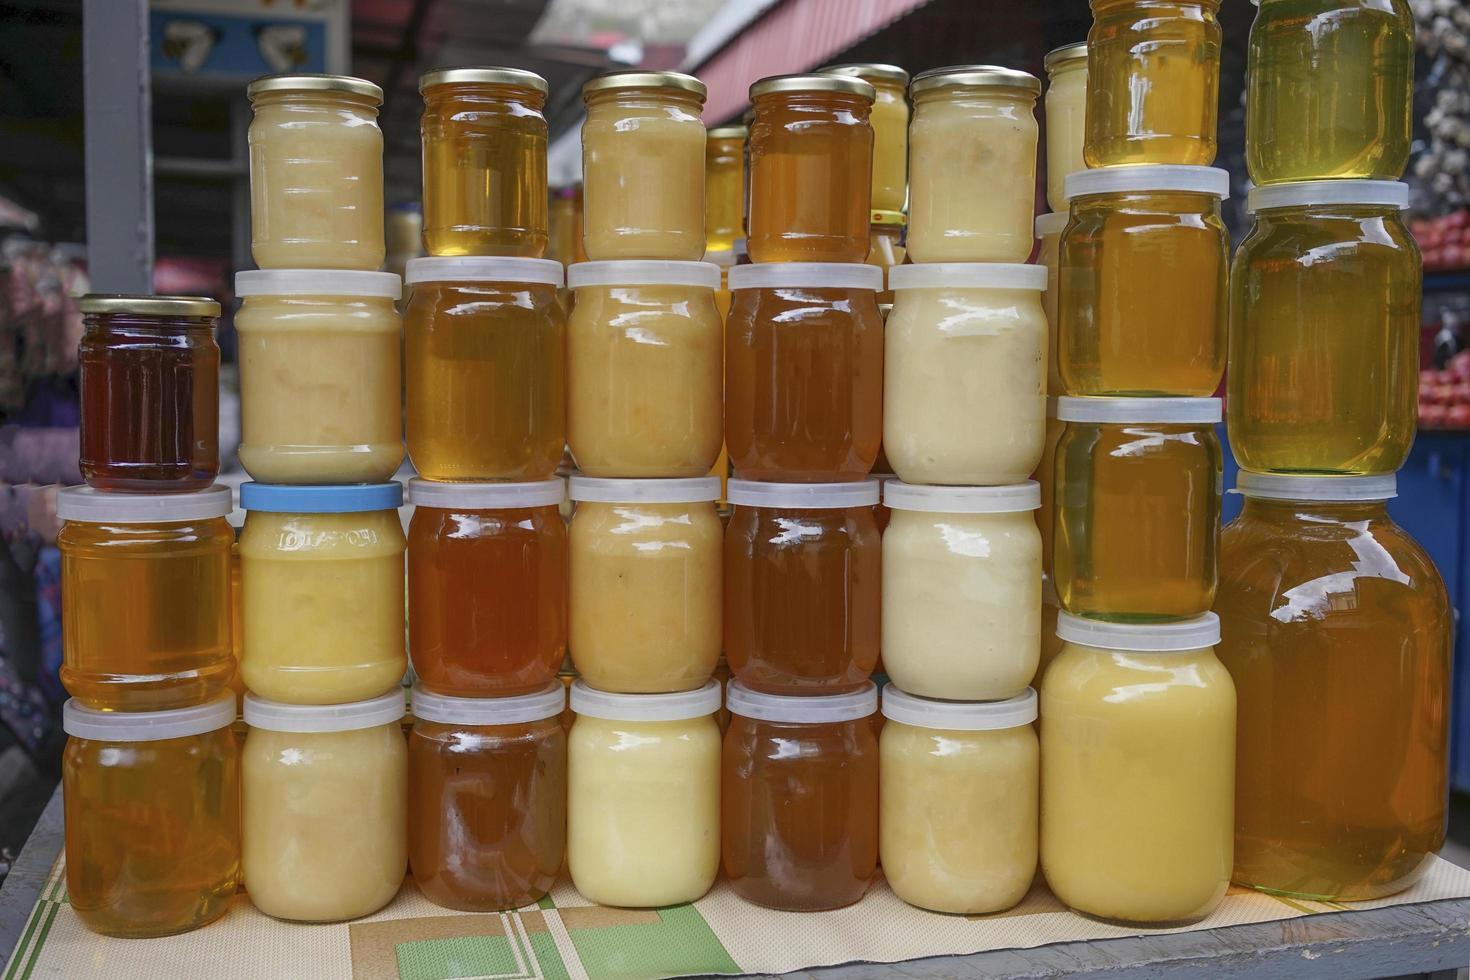 miele di colore diverso in banche su un bancone in vendita. foto